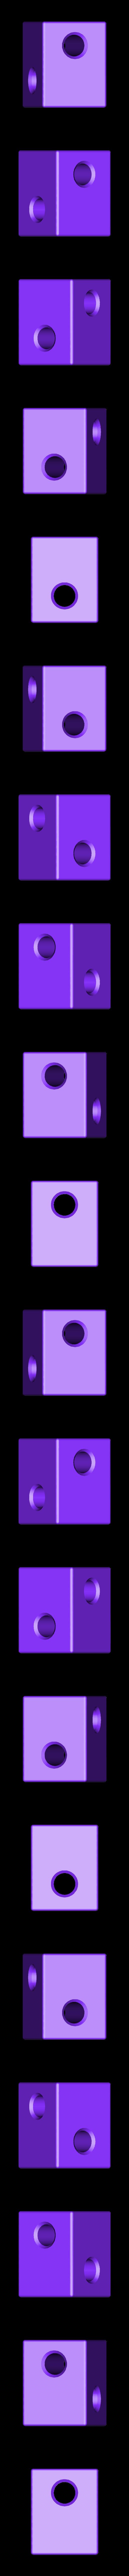 Cube.stl Télécharger fichier STL gratuit Porte-bobine universel • Modèle à imprimer en 3D, kuzinvt